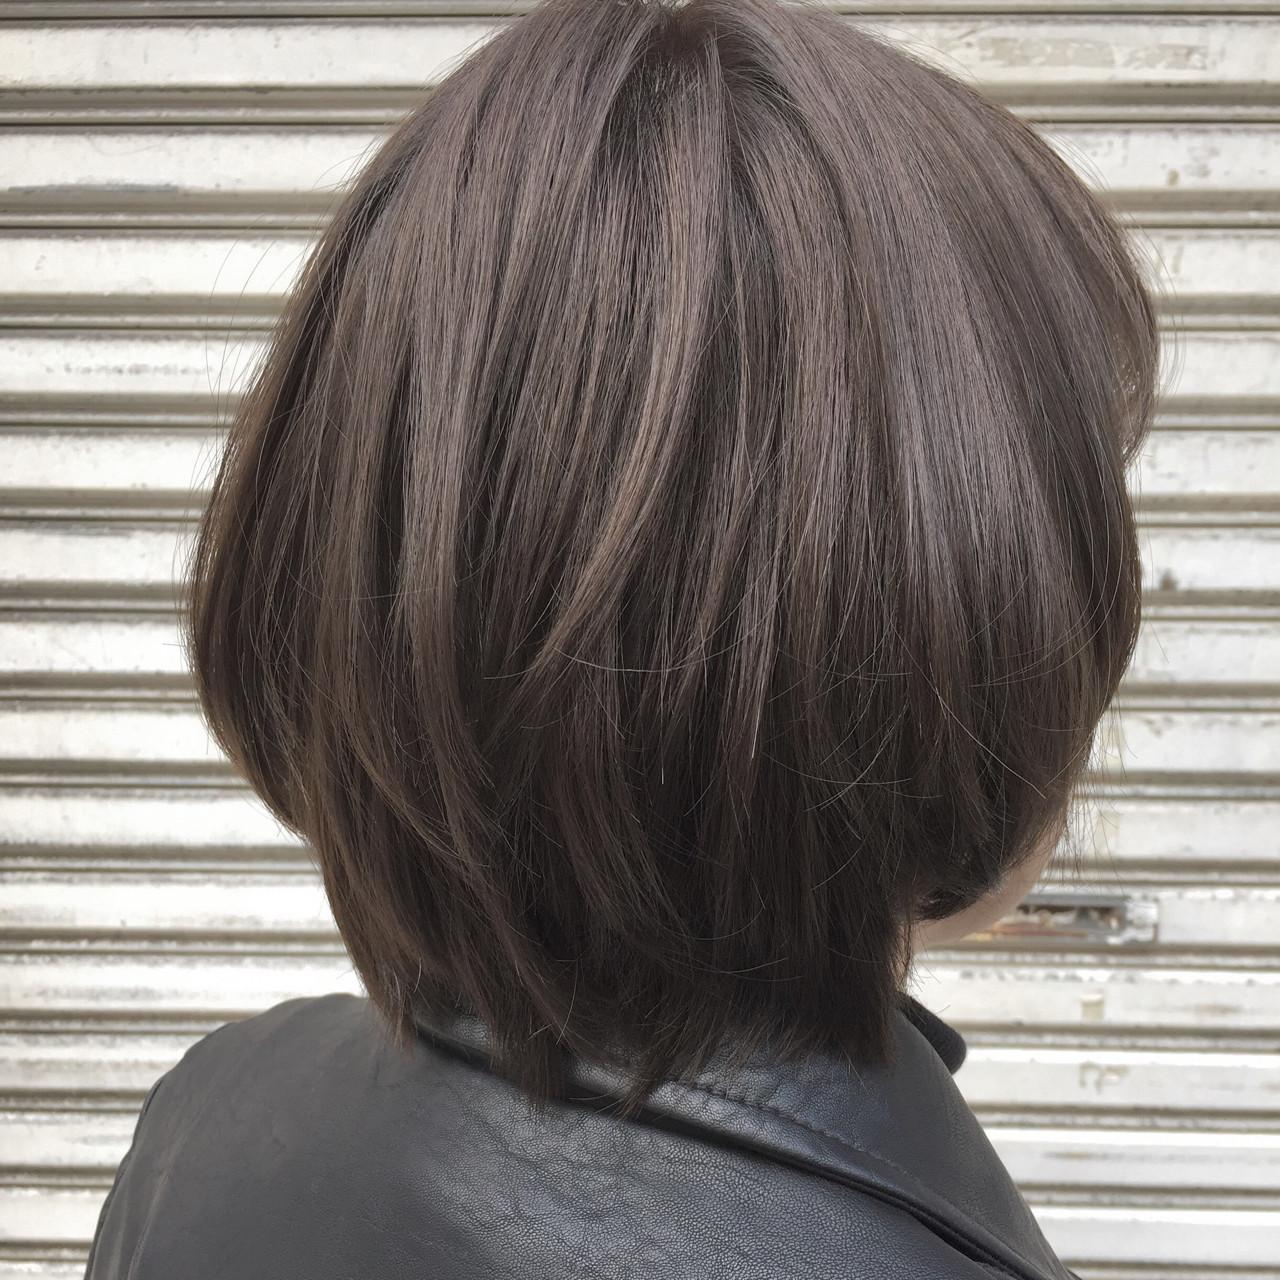 アッシュ ハイライト ボブ 色気 ヘアスタイルや髪型の写真・画像